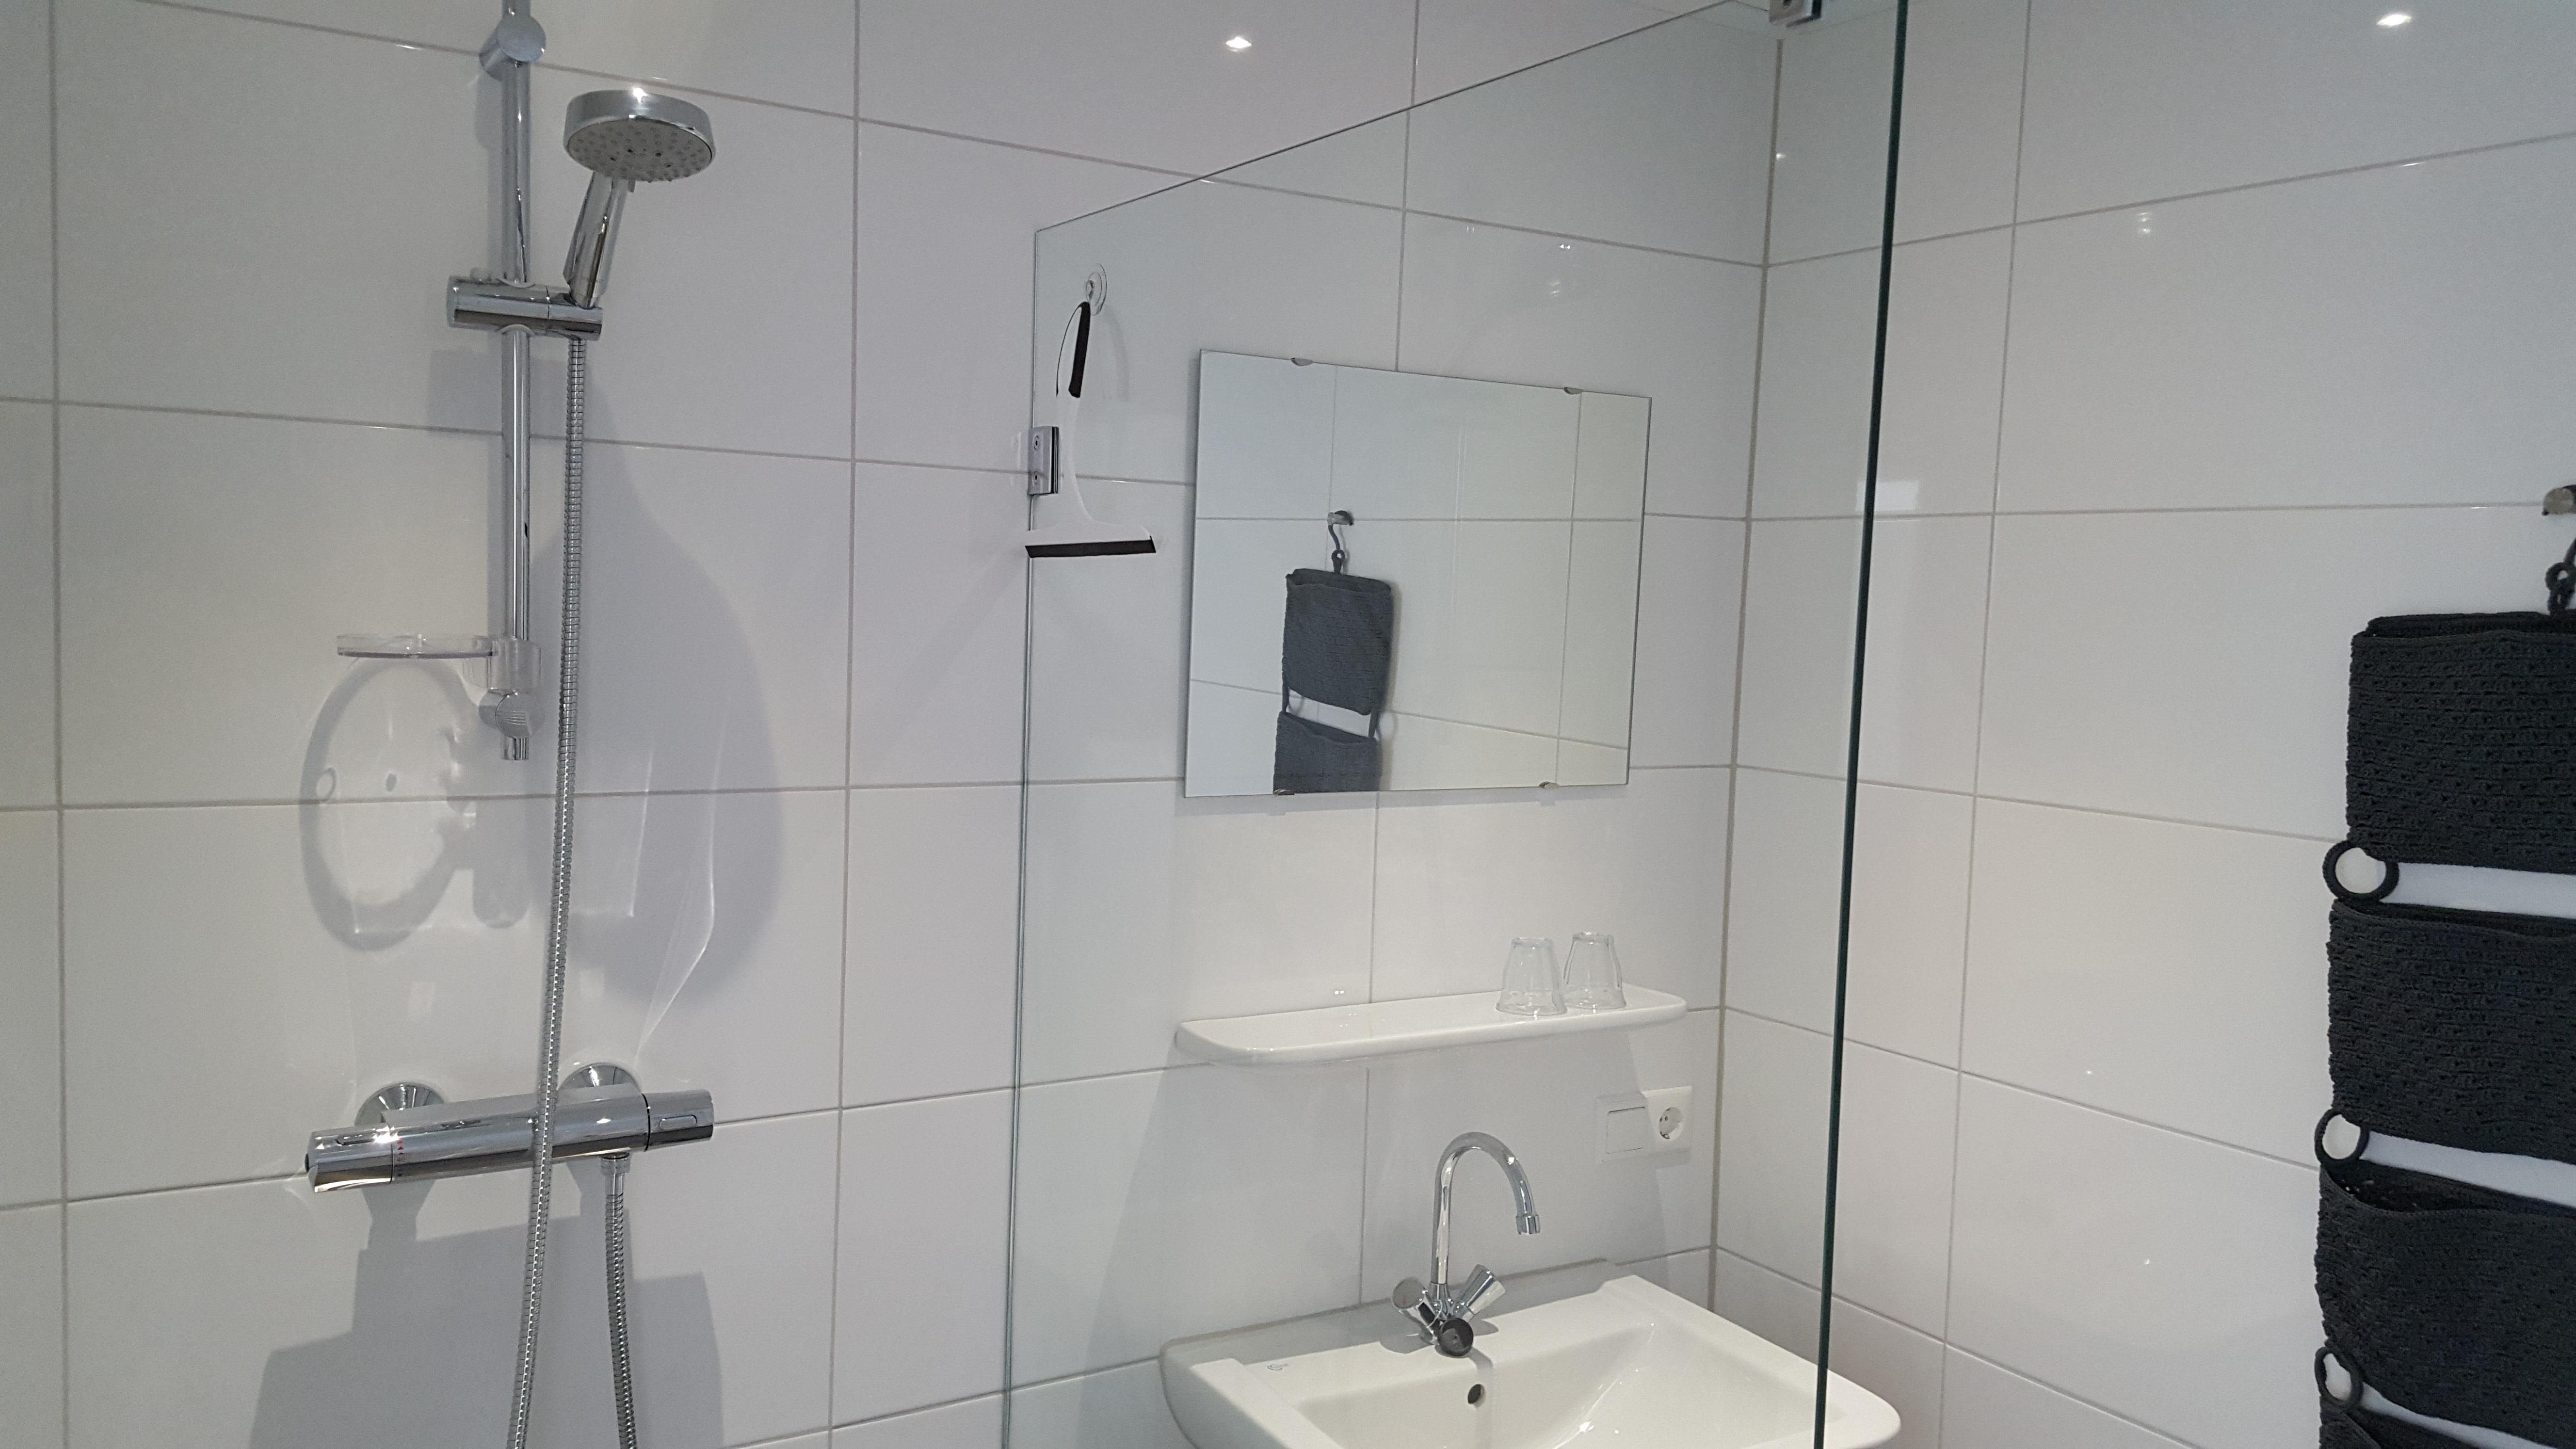 1 van de badkamers